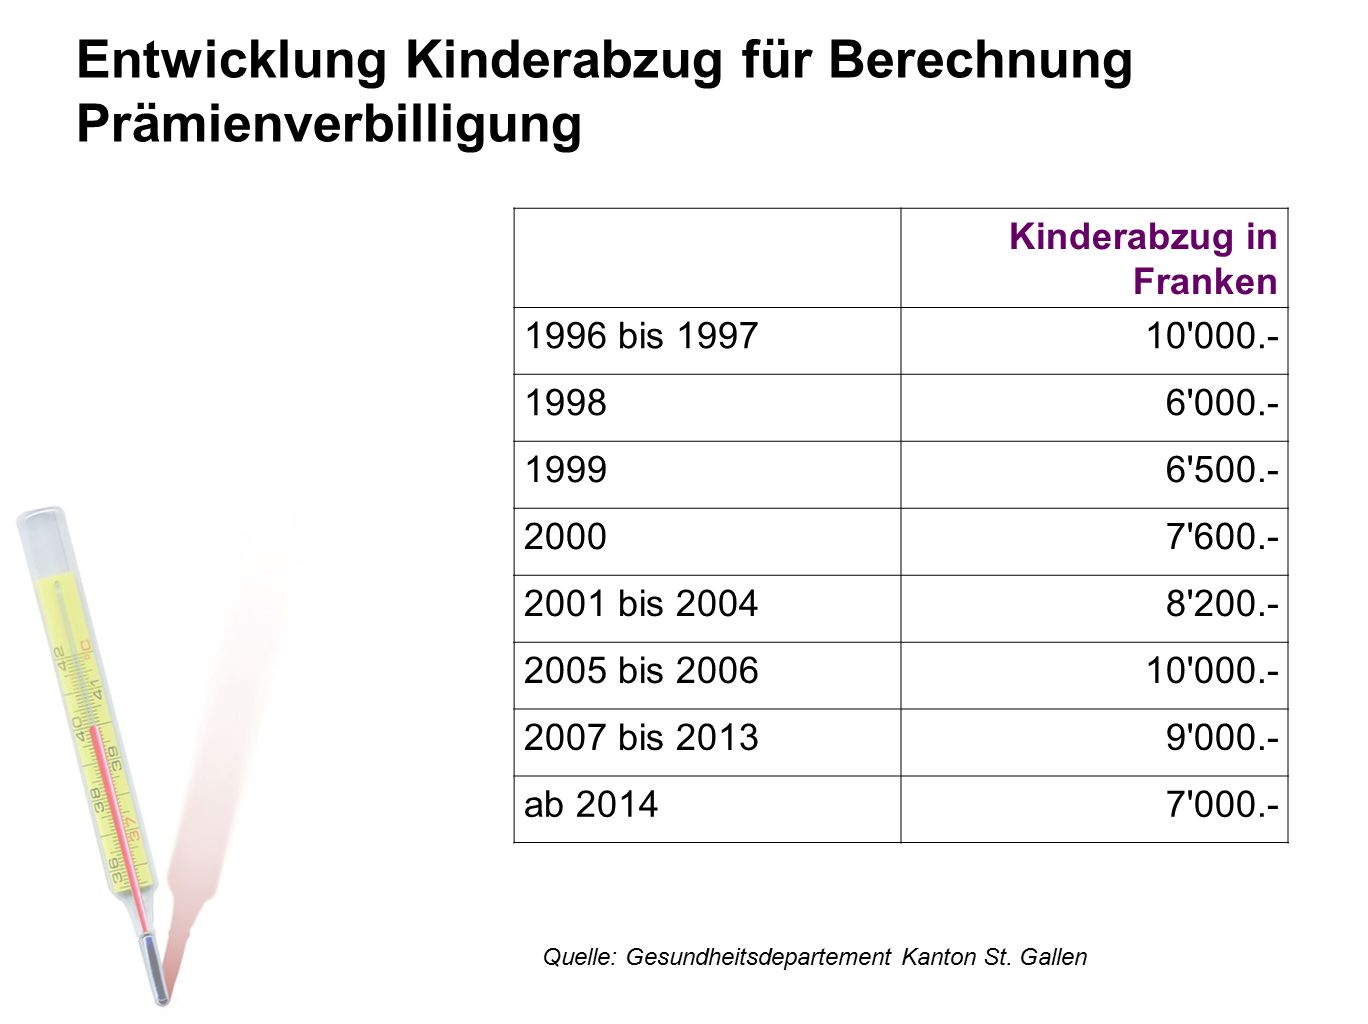 Entwicklung Kinderabzug für Berechnung Prämienverbilligung